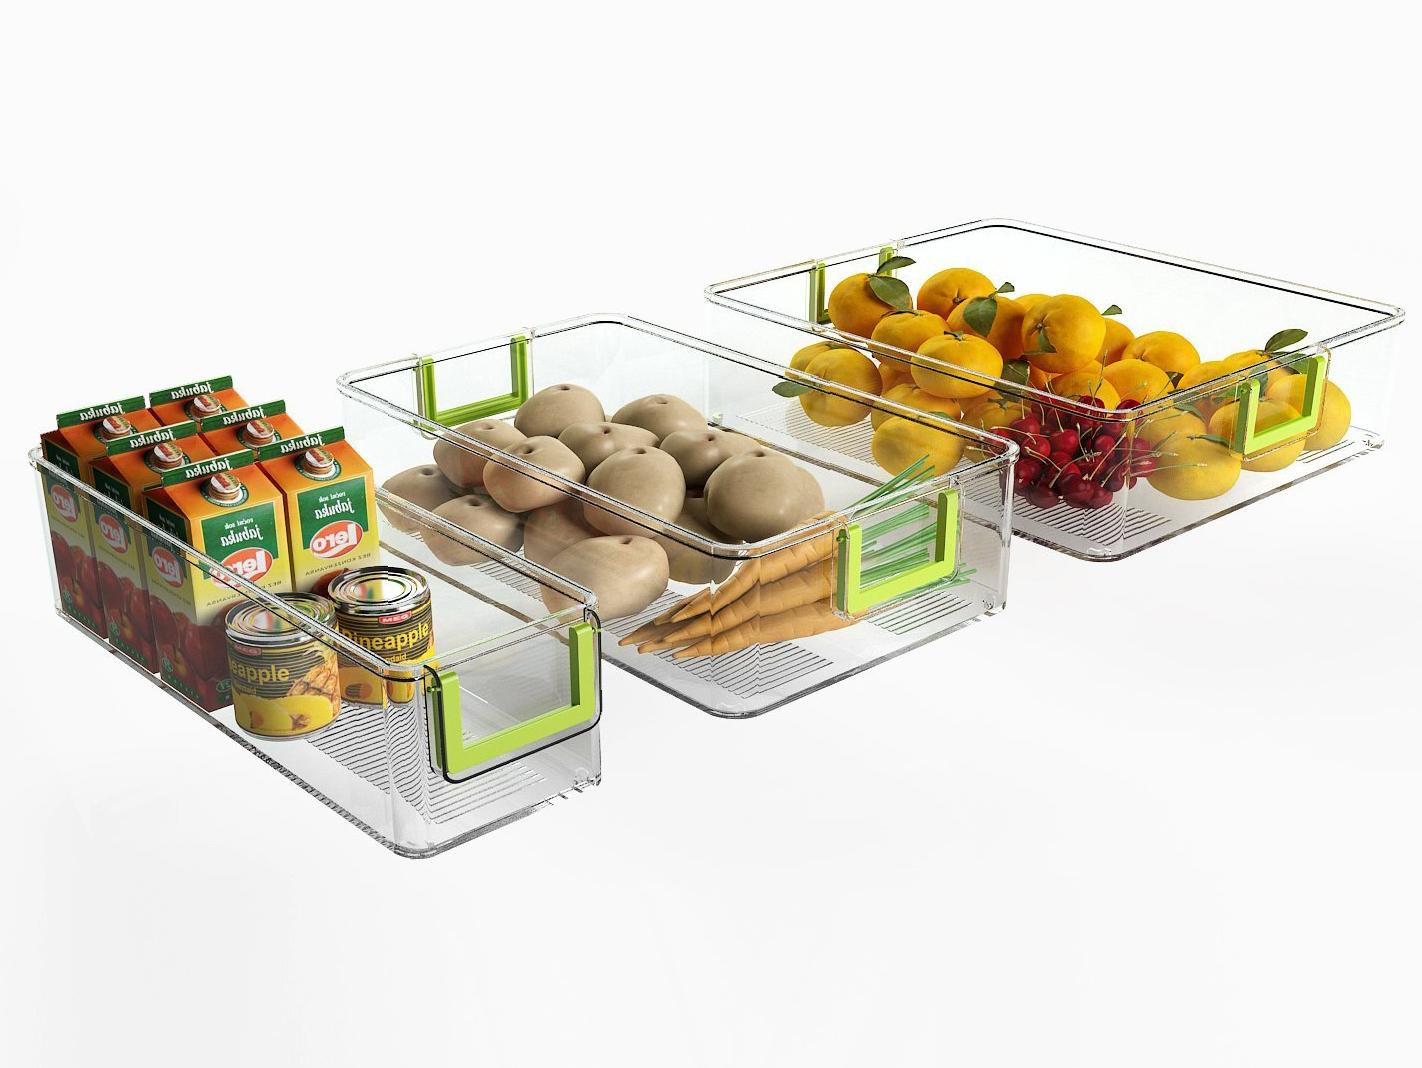 Kühlschrank Organizer : Er set küchen kühlschrank box aufbewahrungsbehälter kühlschrank